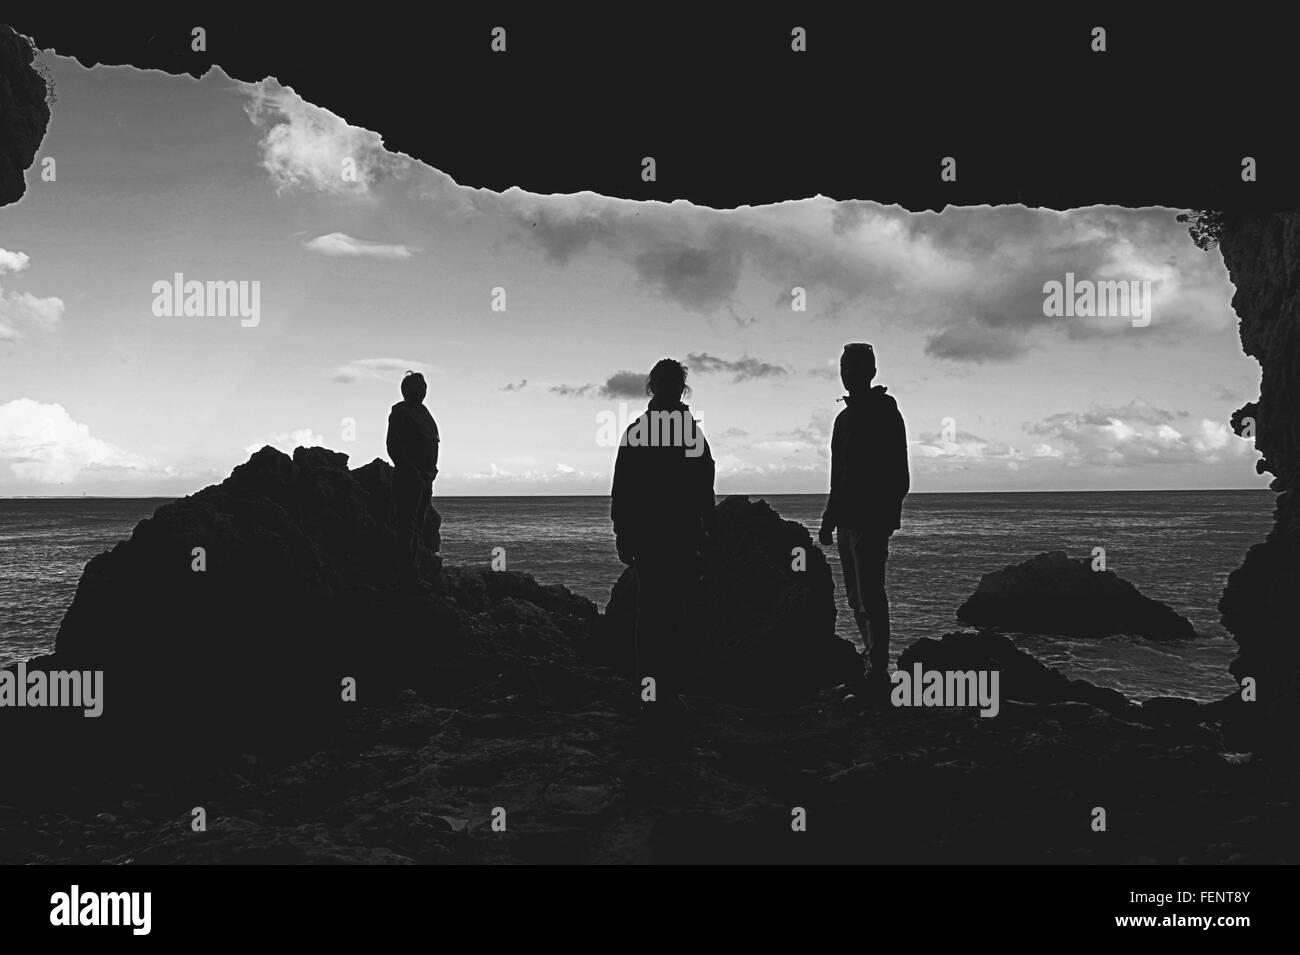 Silhouette persone in piedi presso la spiaggia da rocce Immagini Stock